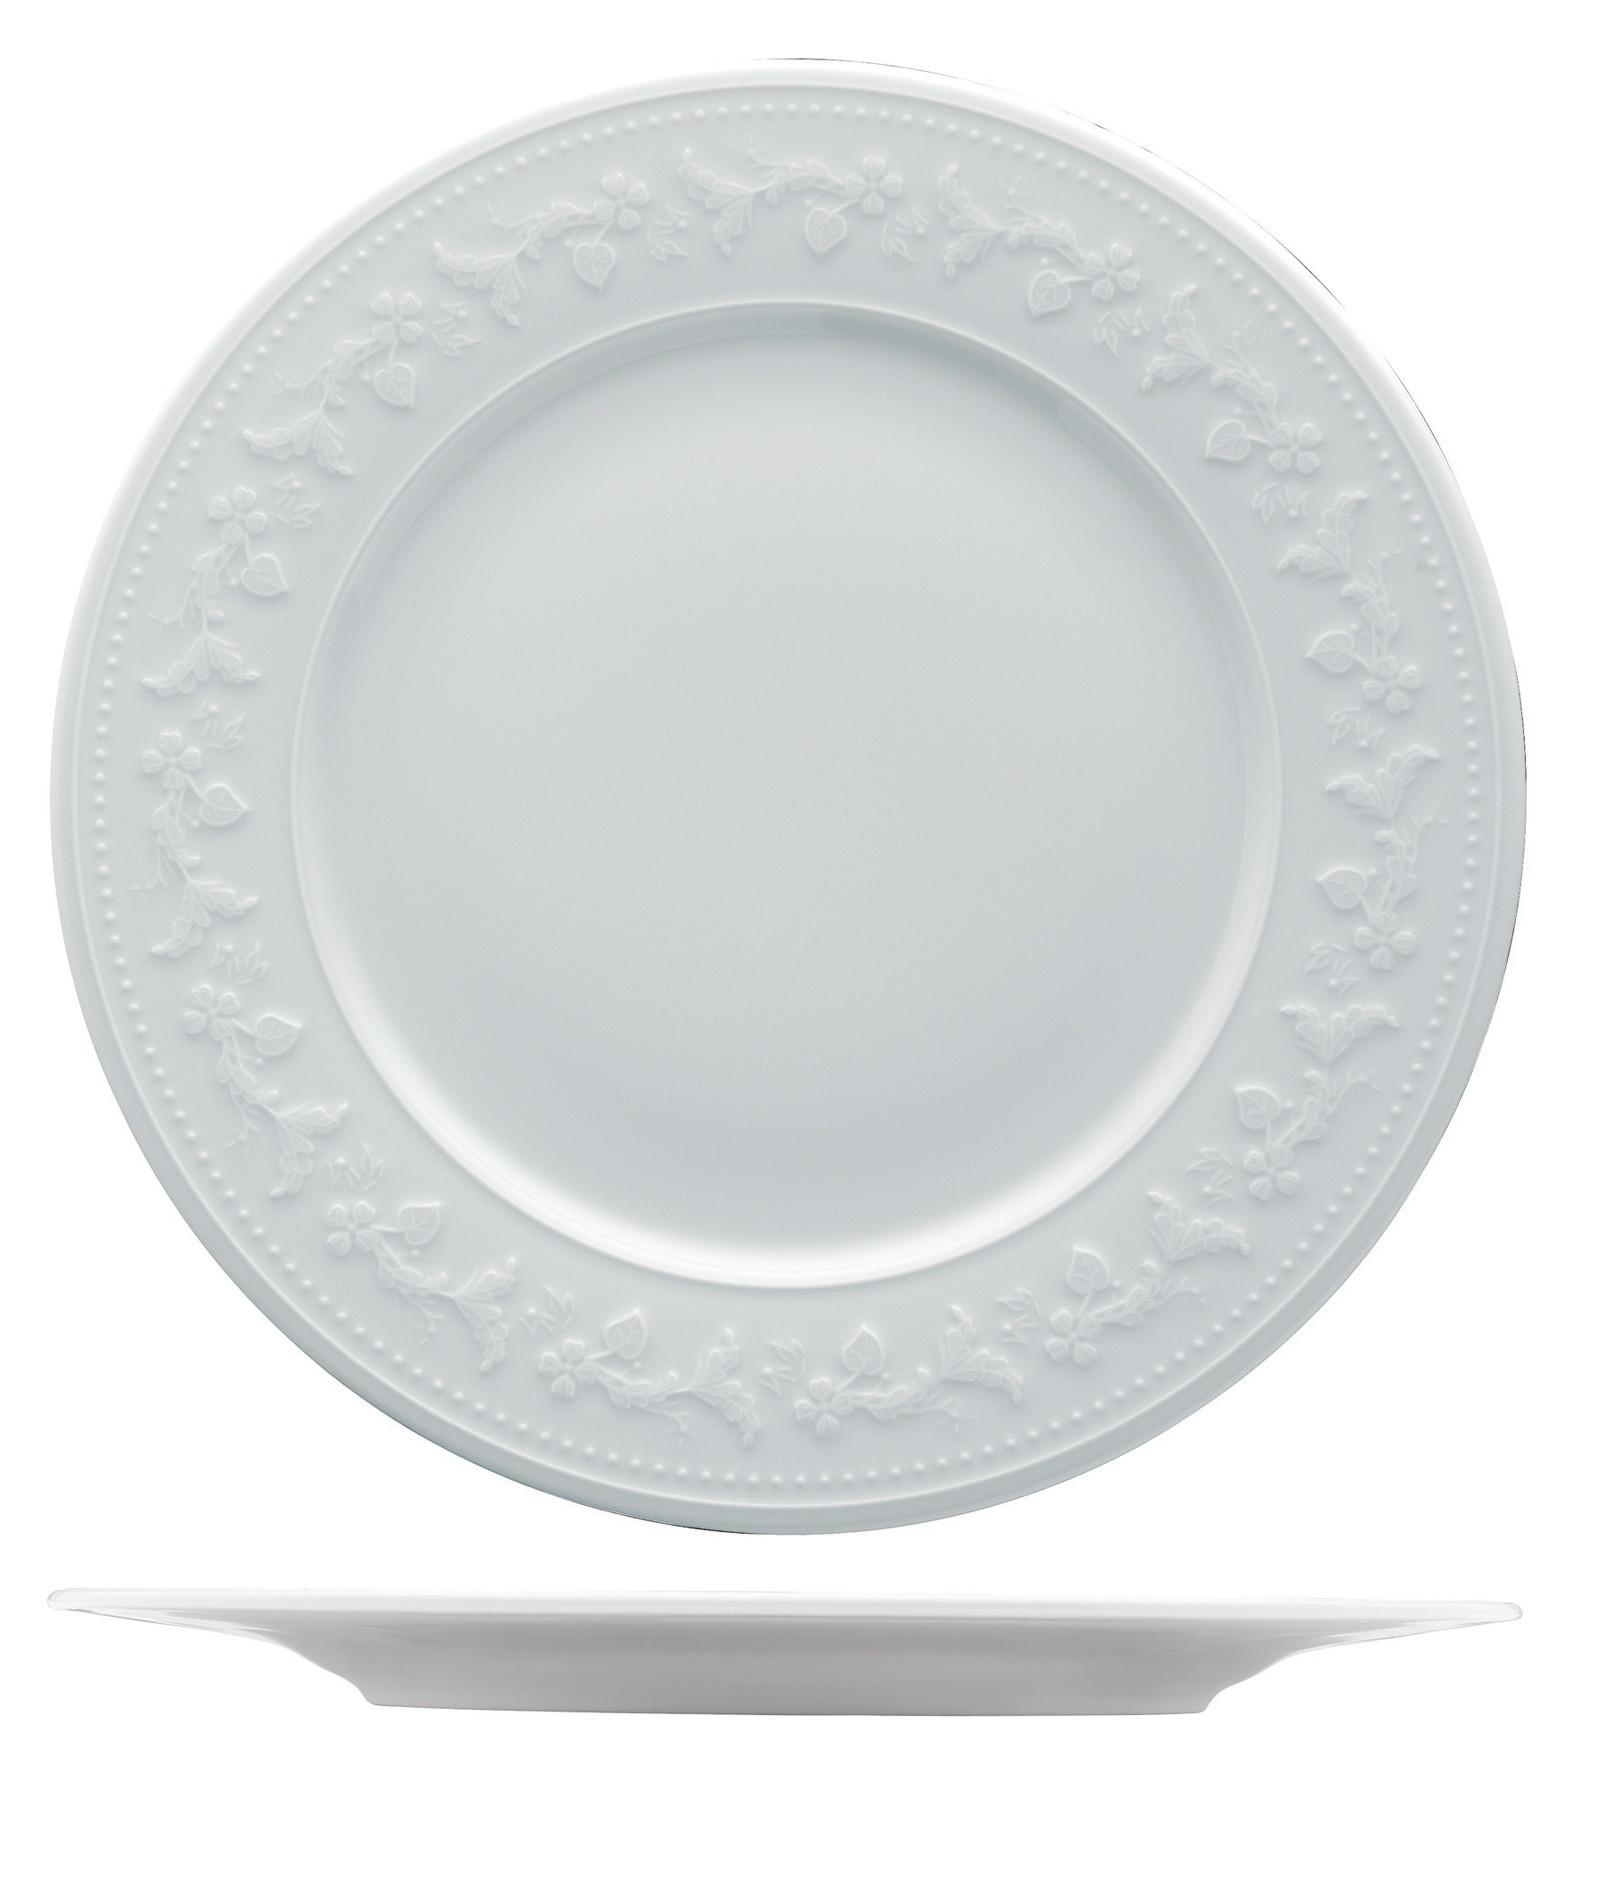 πιάτο ρηχό ionia 27cm δήμητρα home   ειδη σερβιρισματος   πιάτα